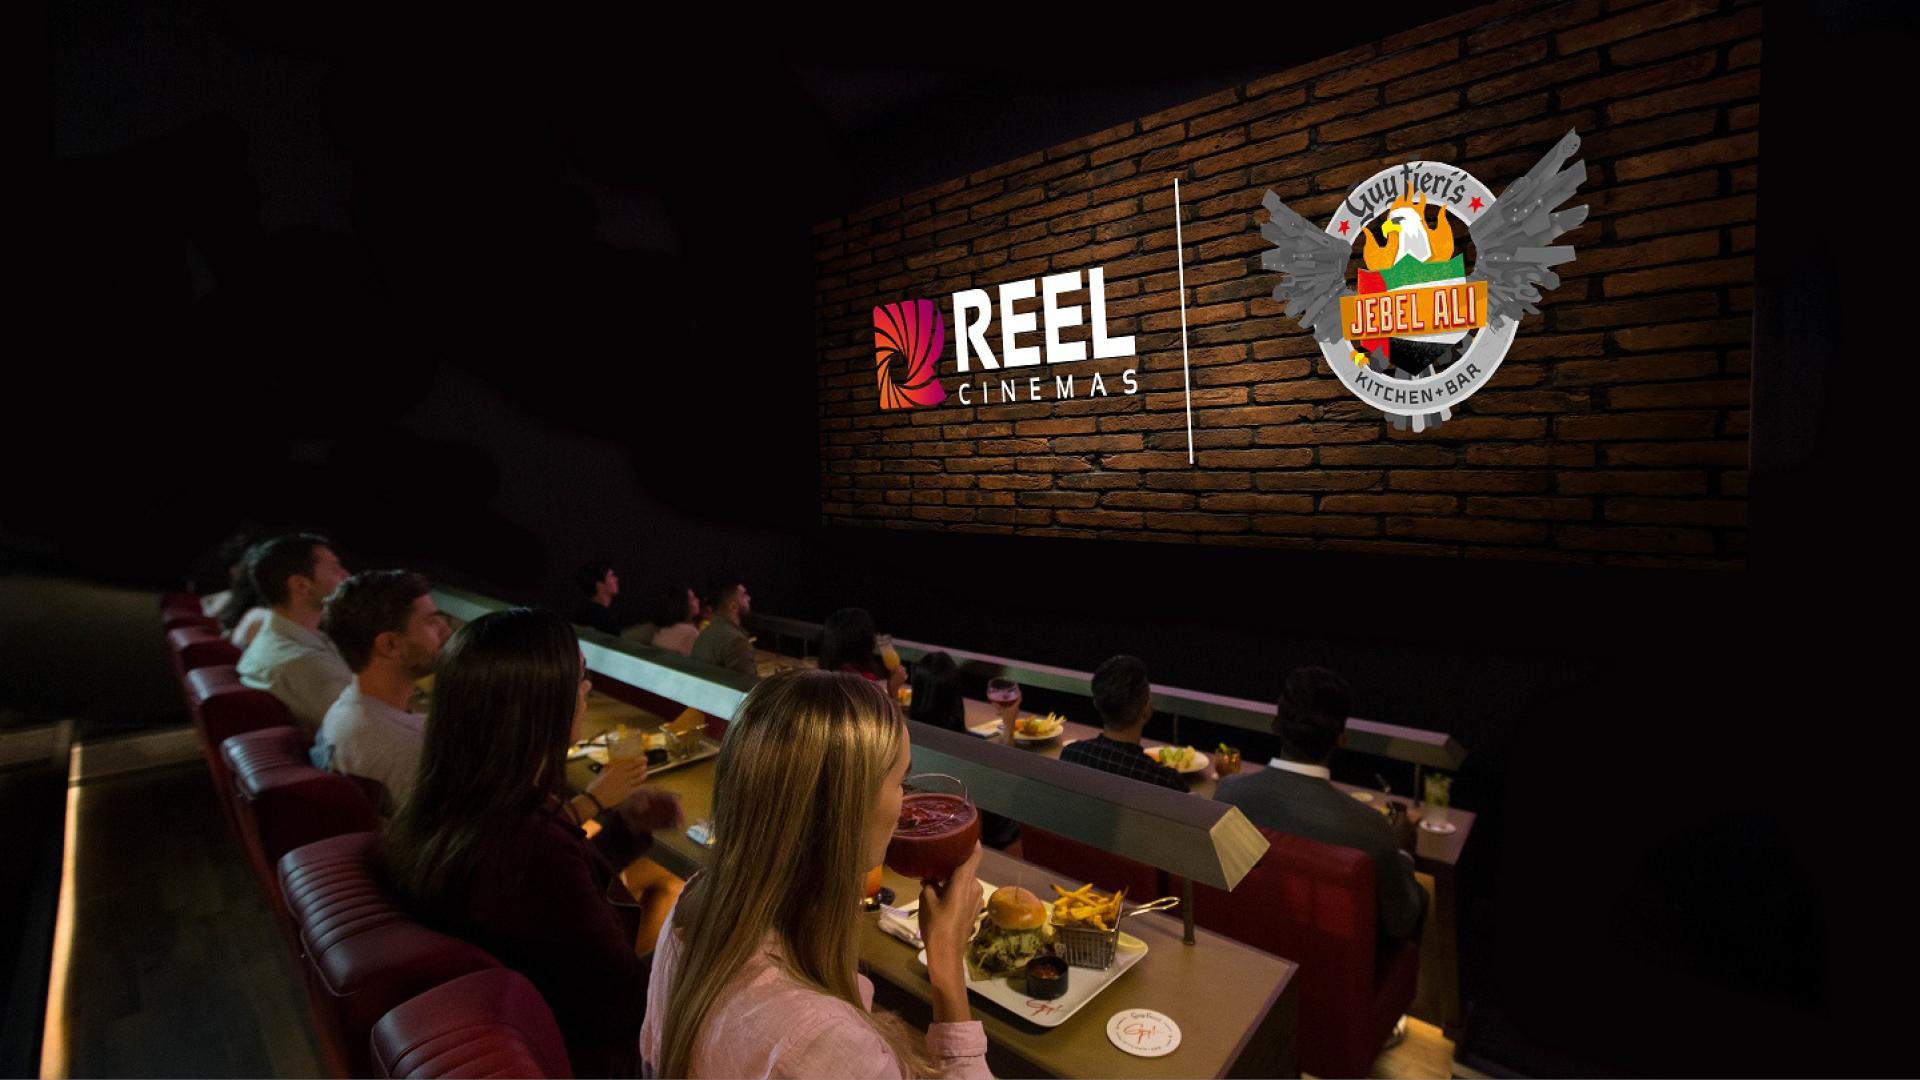 السينما-الإمارات-ريل-سينما-جديد